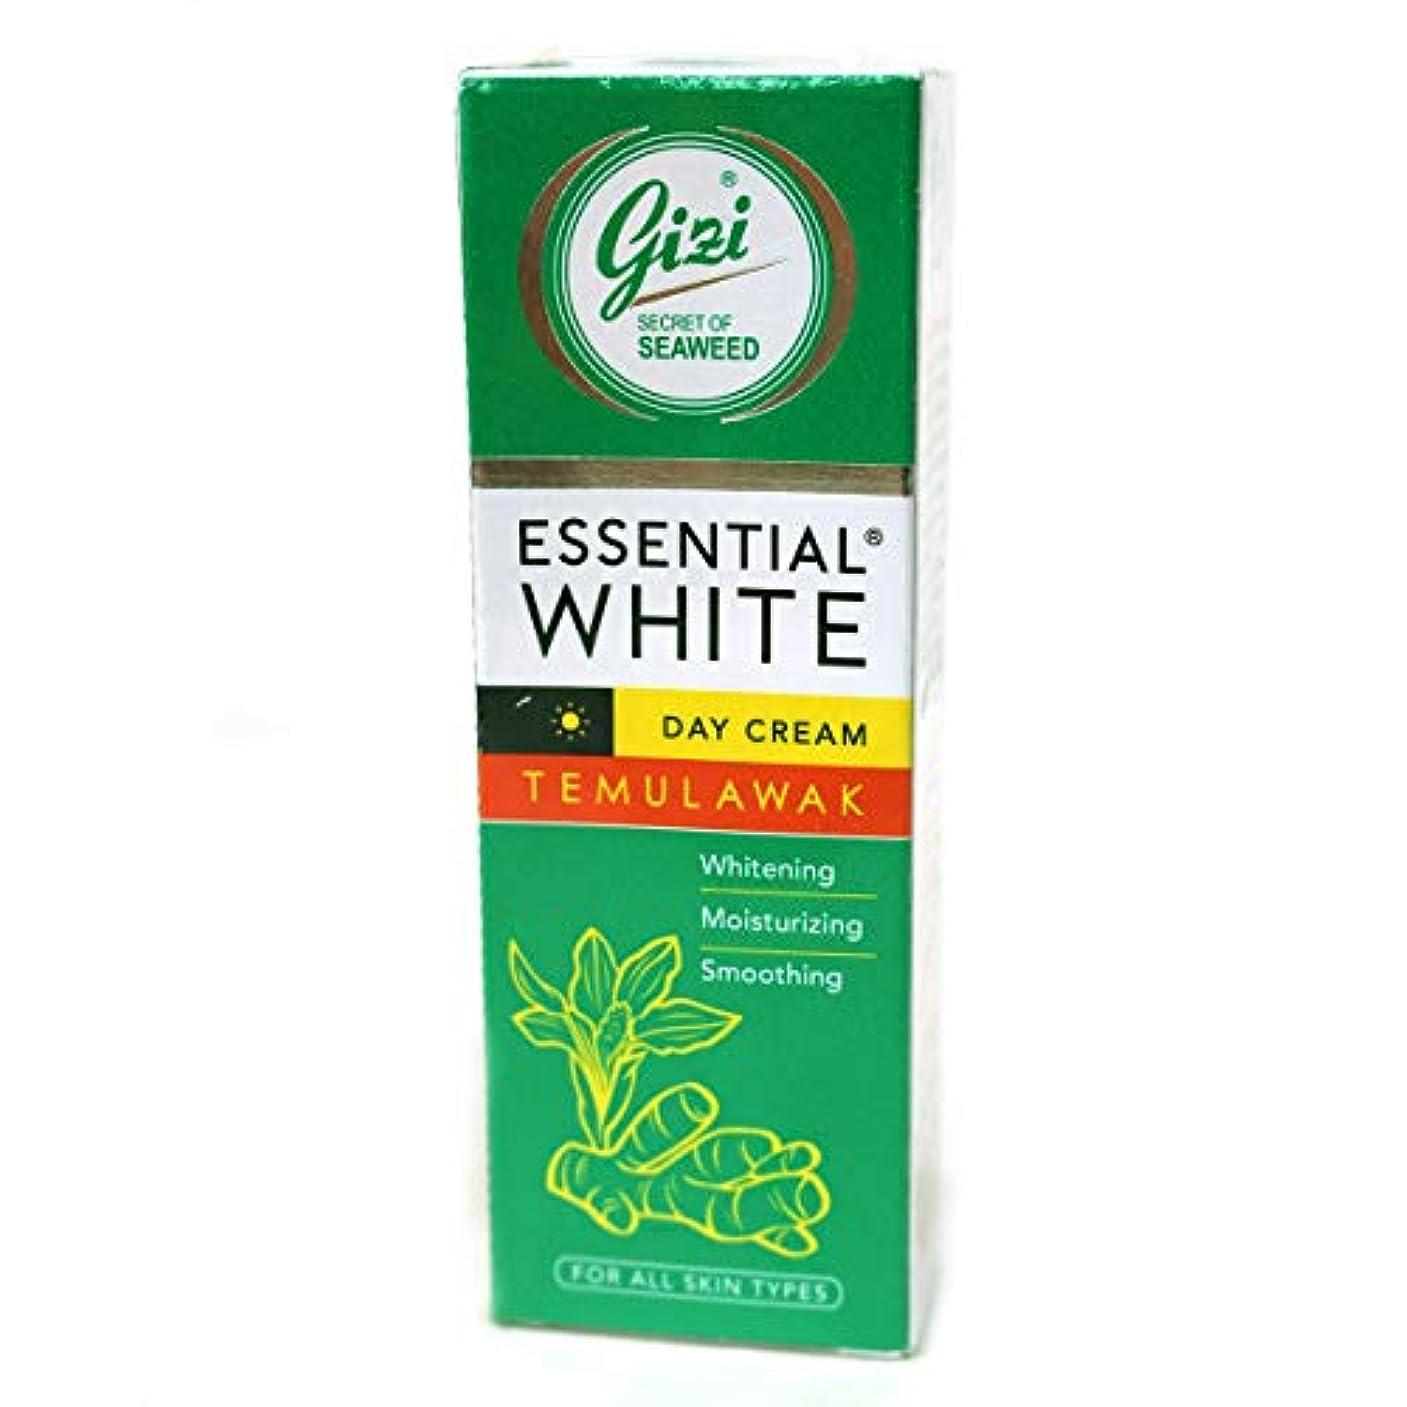 のぞき穴誤通信するギジ gizi Essential White 日中用スキンケアクリーム チューブタイプ 18g テムラワク ウコン など天然成分配合 [海外直送品]